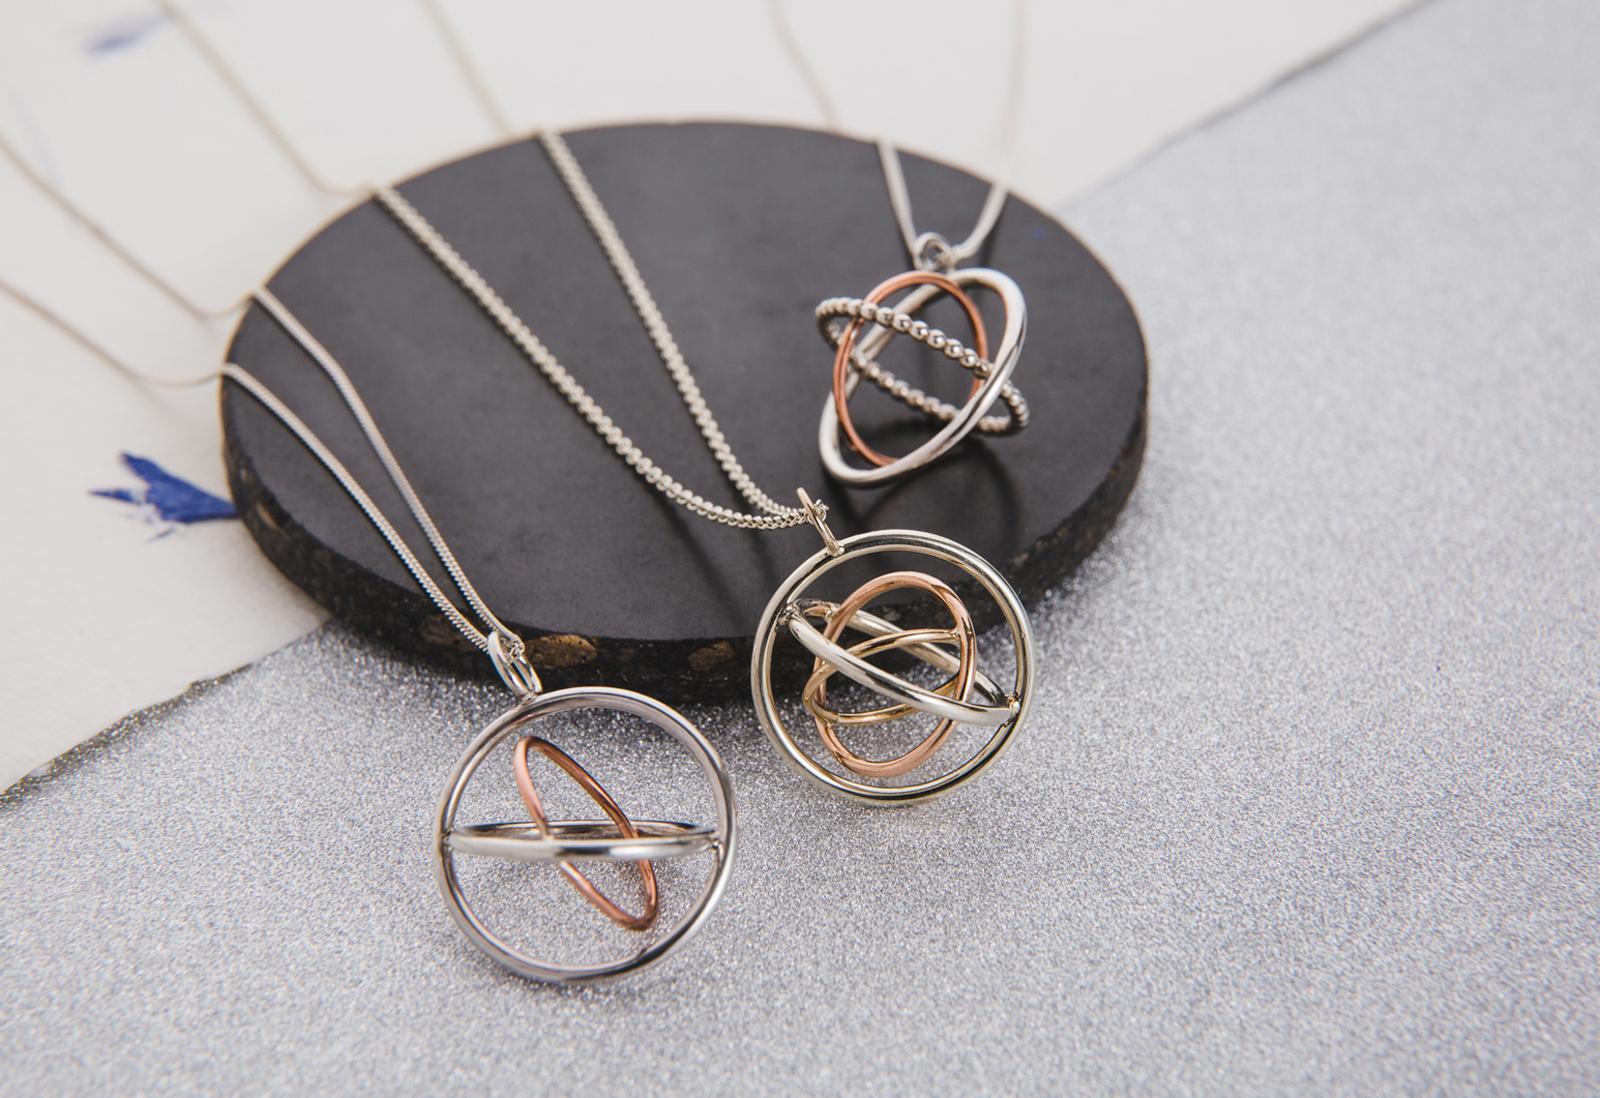 Judith Peterhoff Jewellery - bespoke handmade family pendants in silver or gold